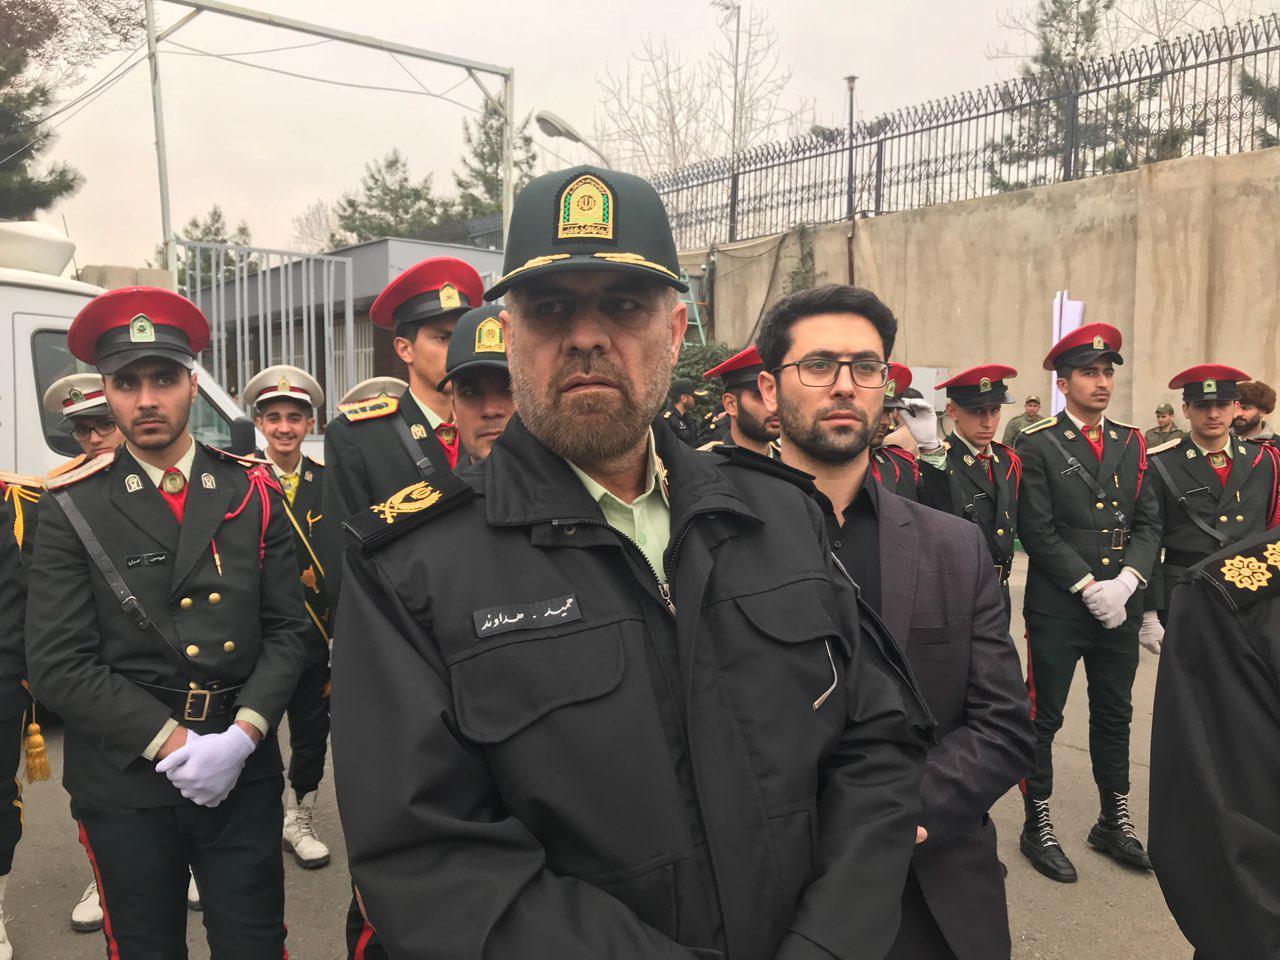 300 تن از اخلالگران در حادثه پاسداران دستگیر شدند/ آرامش و امنیت امروز ثمره خون شهدای نیروی انتظامی